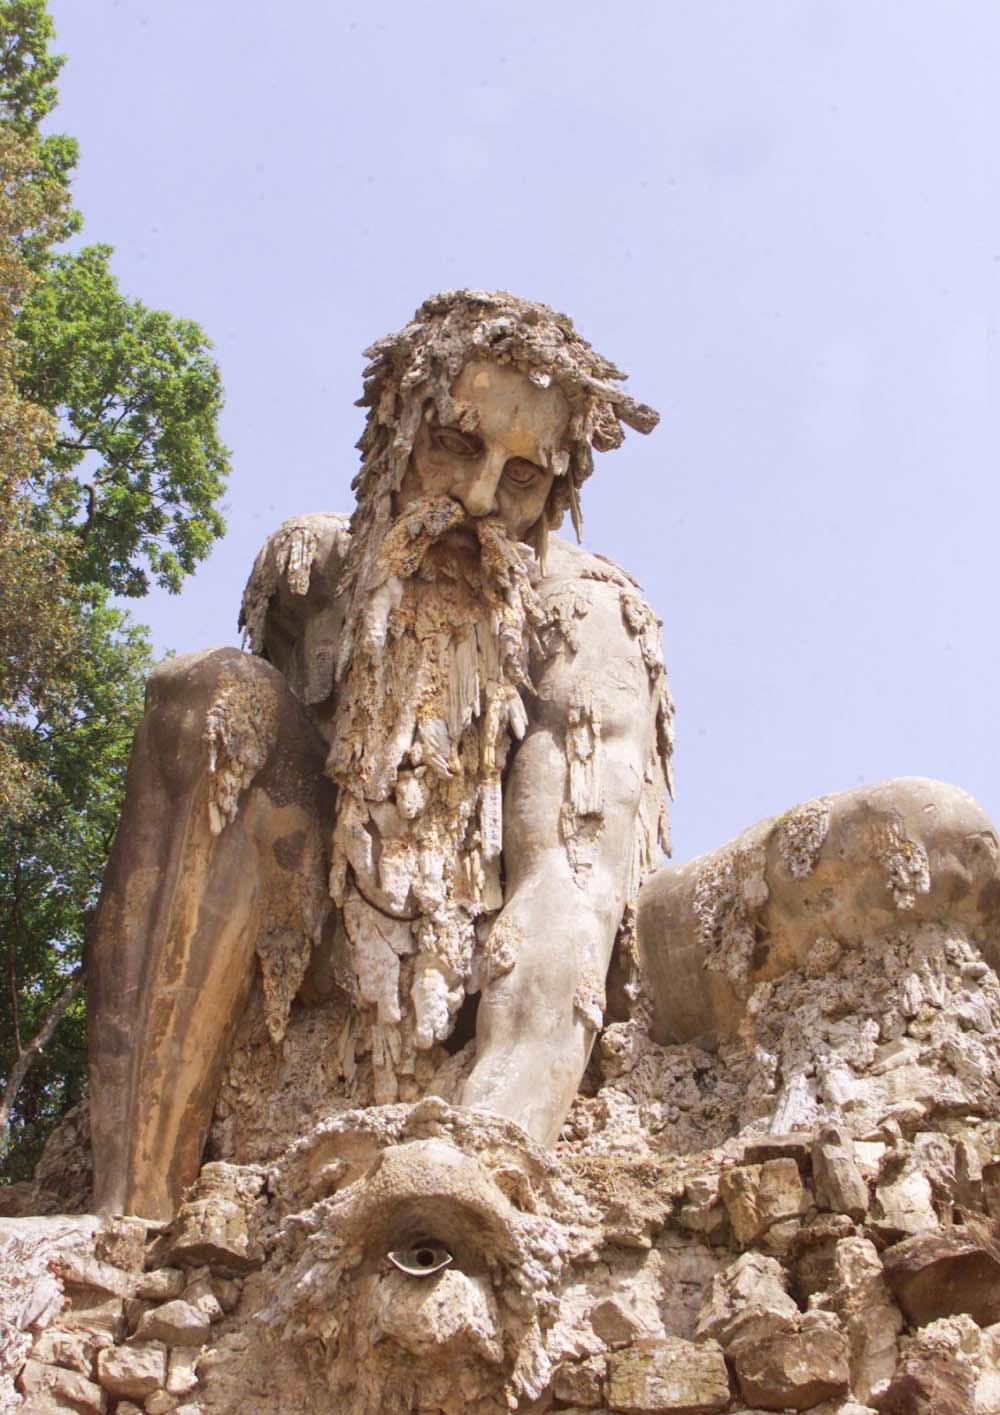 Esta enorme estatua del siglo XVI contiene un misterioso secreto